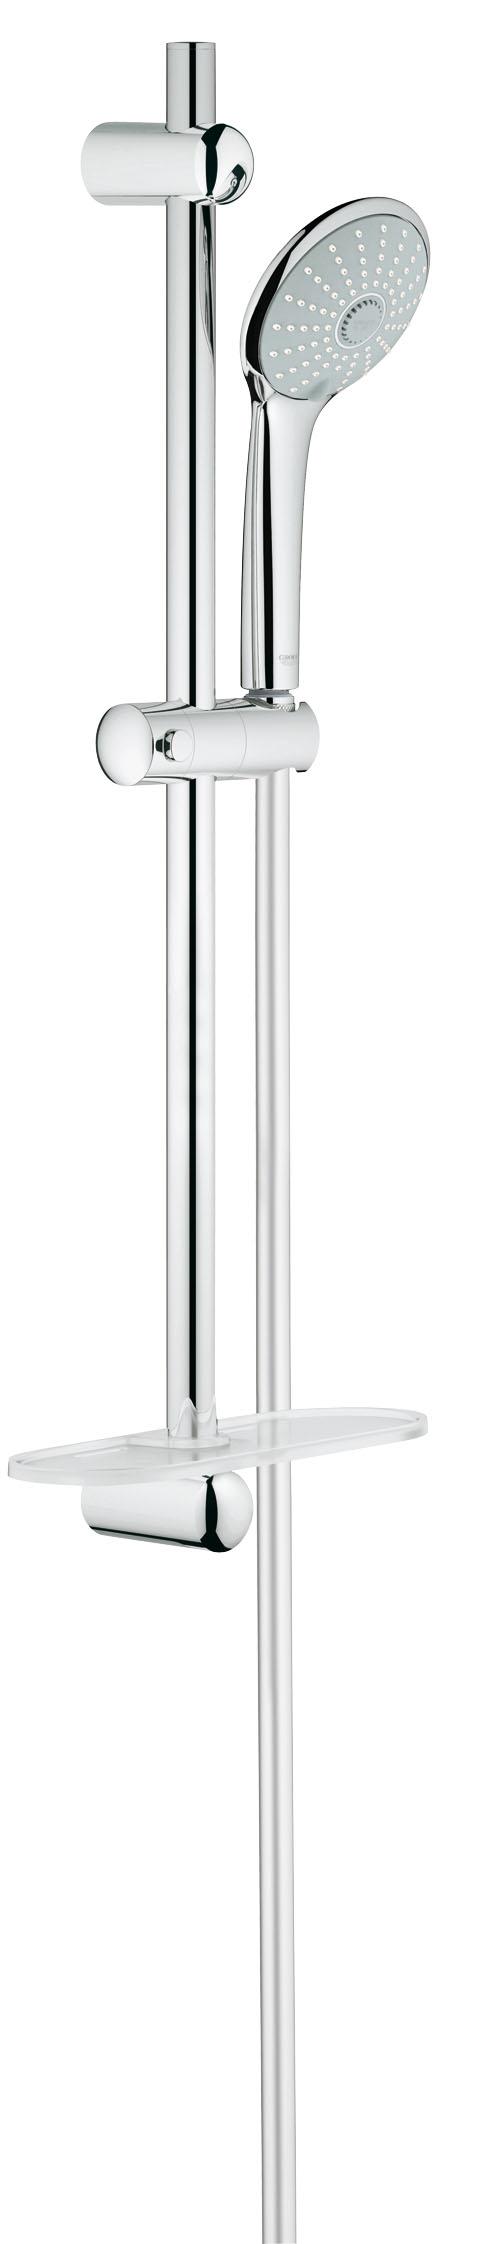 """Душевой комплект GROHE """"Euphoria"""", штанга 600 мм. (27231001)"""